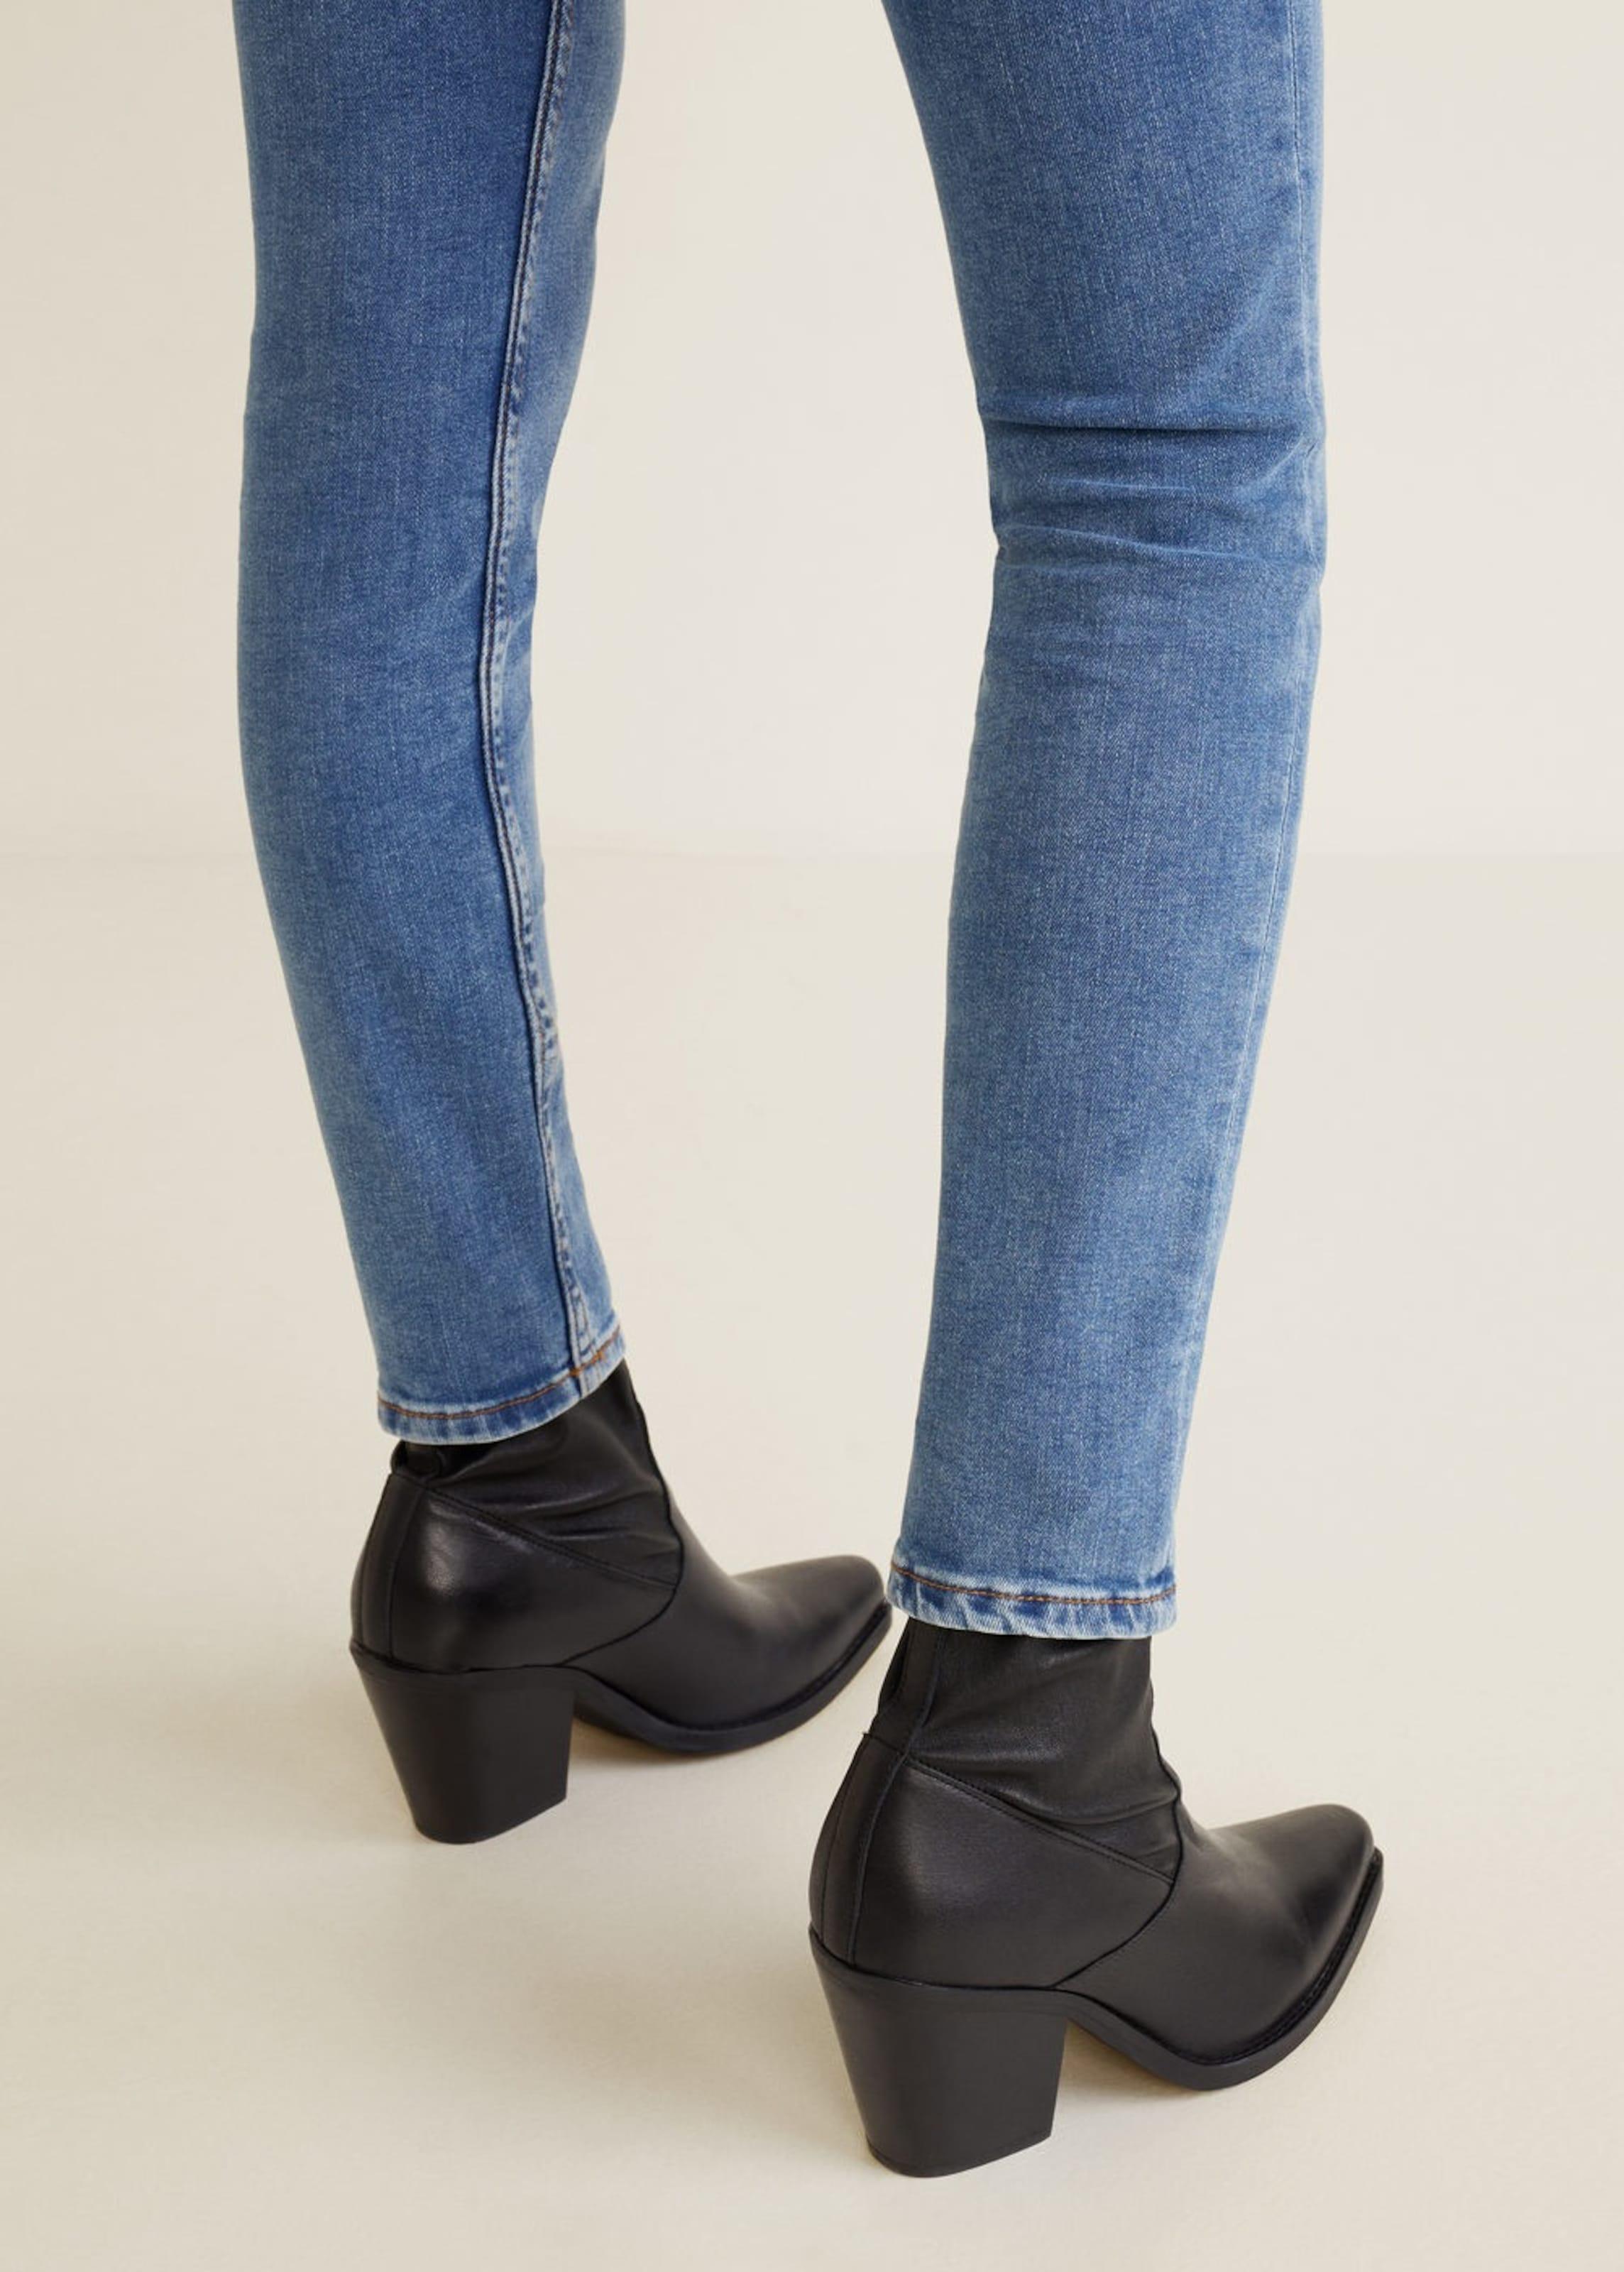 Jeans 'olivia' Blue Denim In Mango y7b6gf